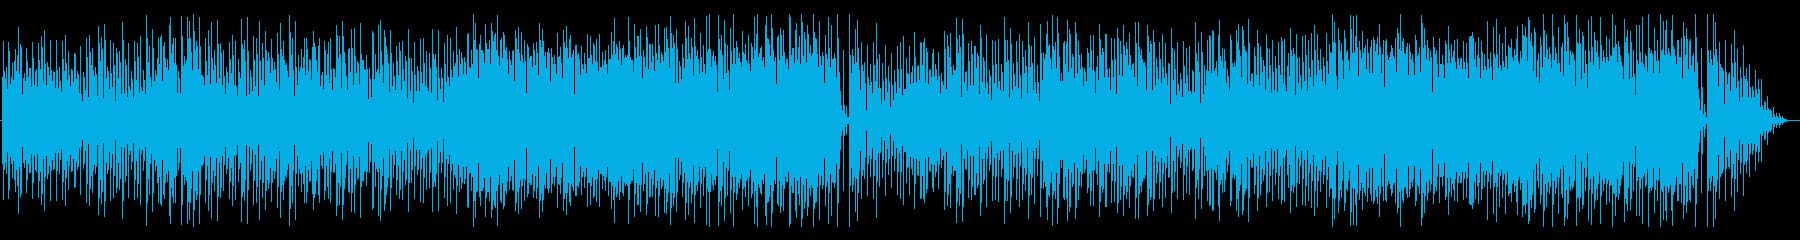 準備画面、日常シーン 明るいループBGMの再生済みの波形